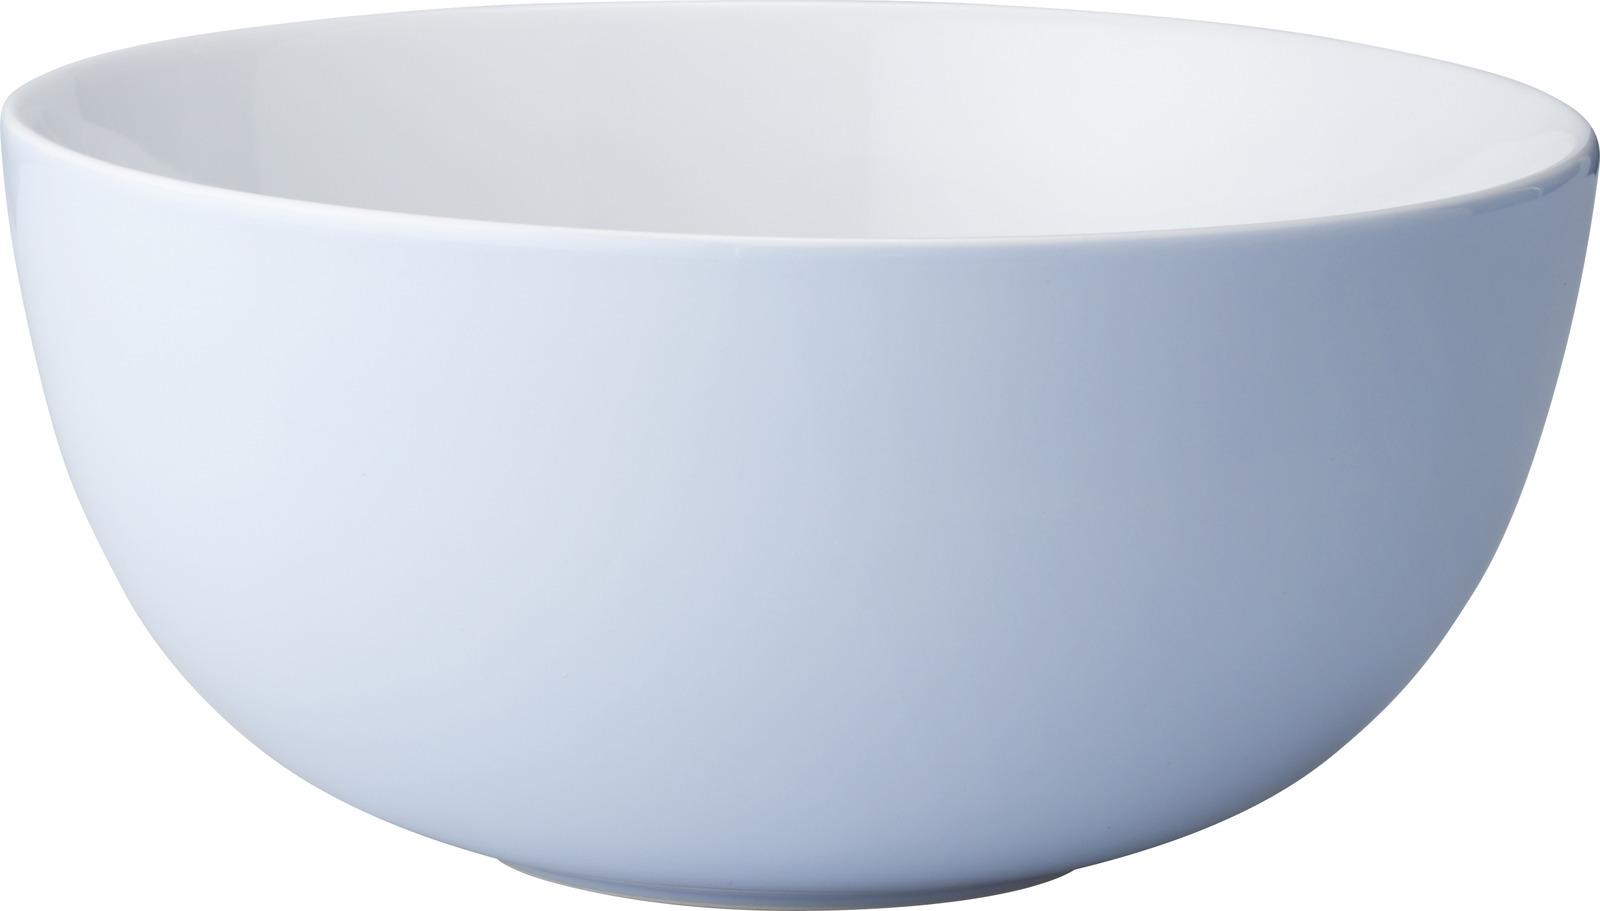 В большой чаше Emma удобно подавать салаты. Также чашу можно использовать как вазу для фруктов.